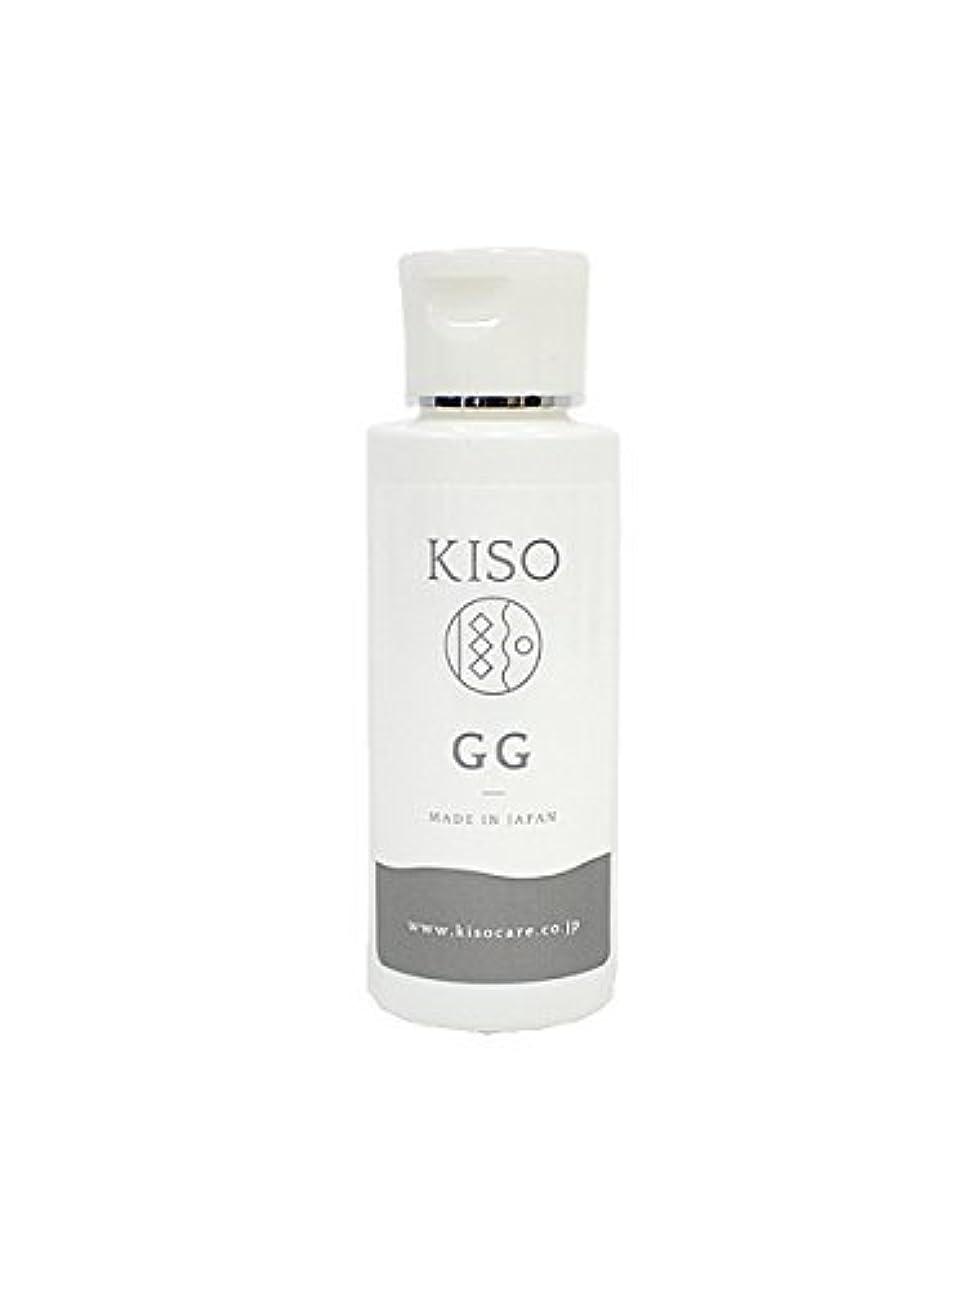 バーター子犬気を散らすKISO グリシルグリシン5% 高配合美容水 【GGエッセンス 50mL】 肌のキメを整える?肌をひきしめる